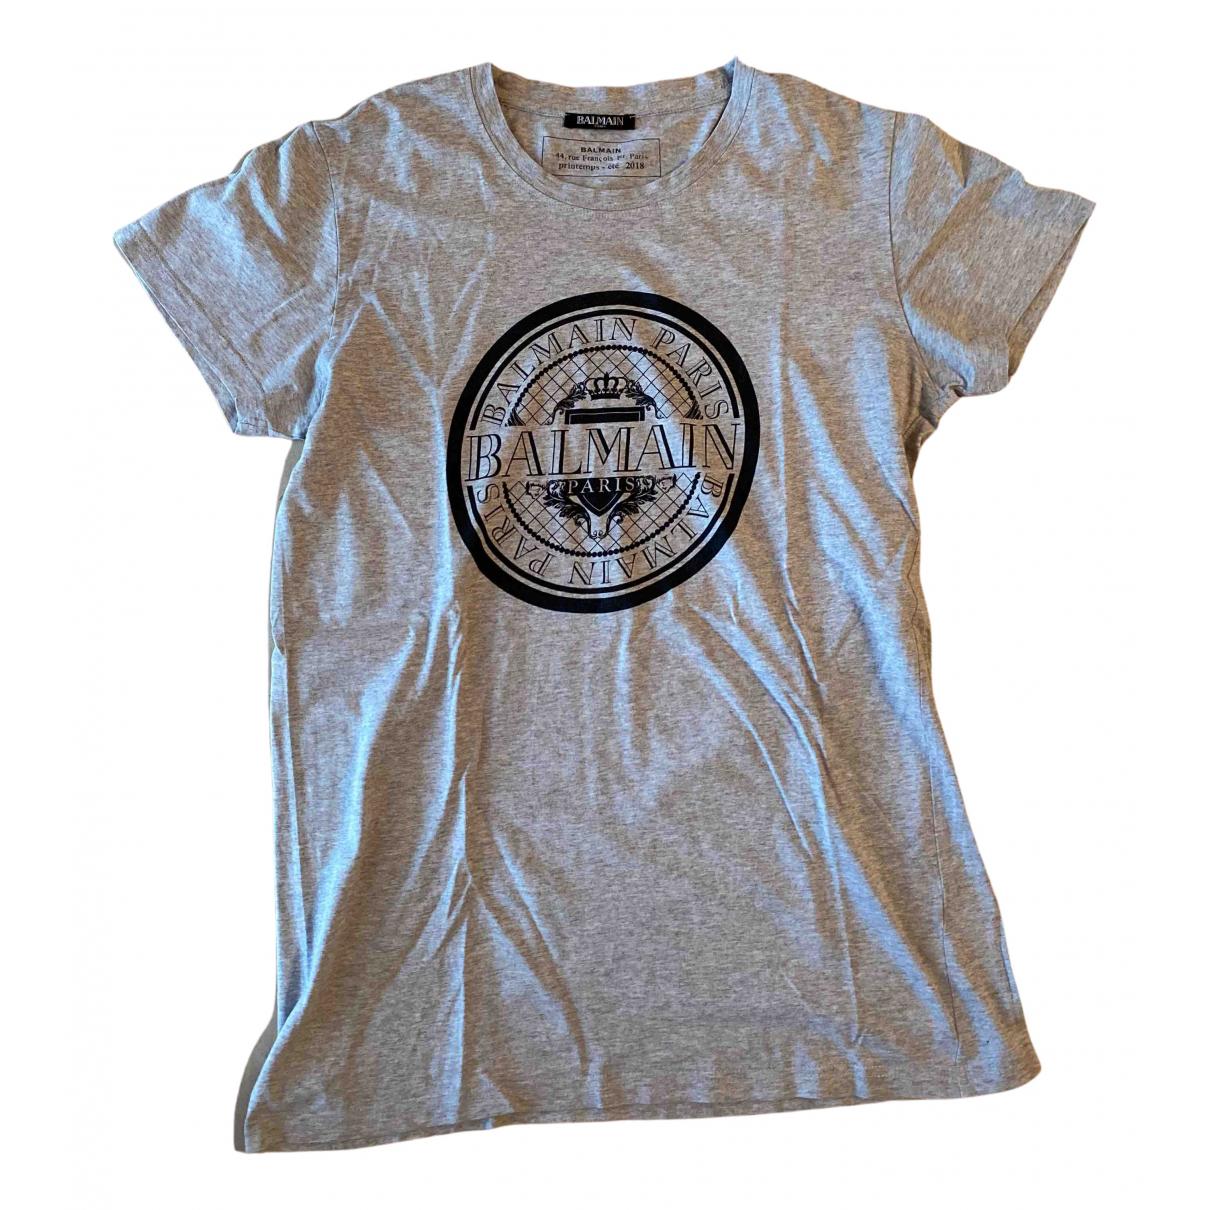 Balmain \N T-Shirts in  Grau Baumwolle